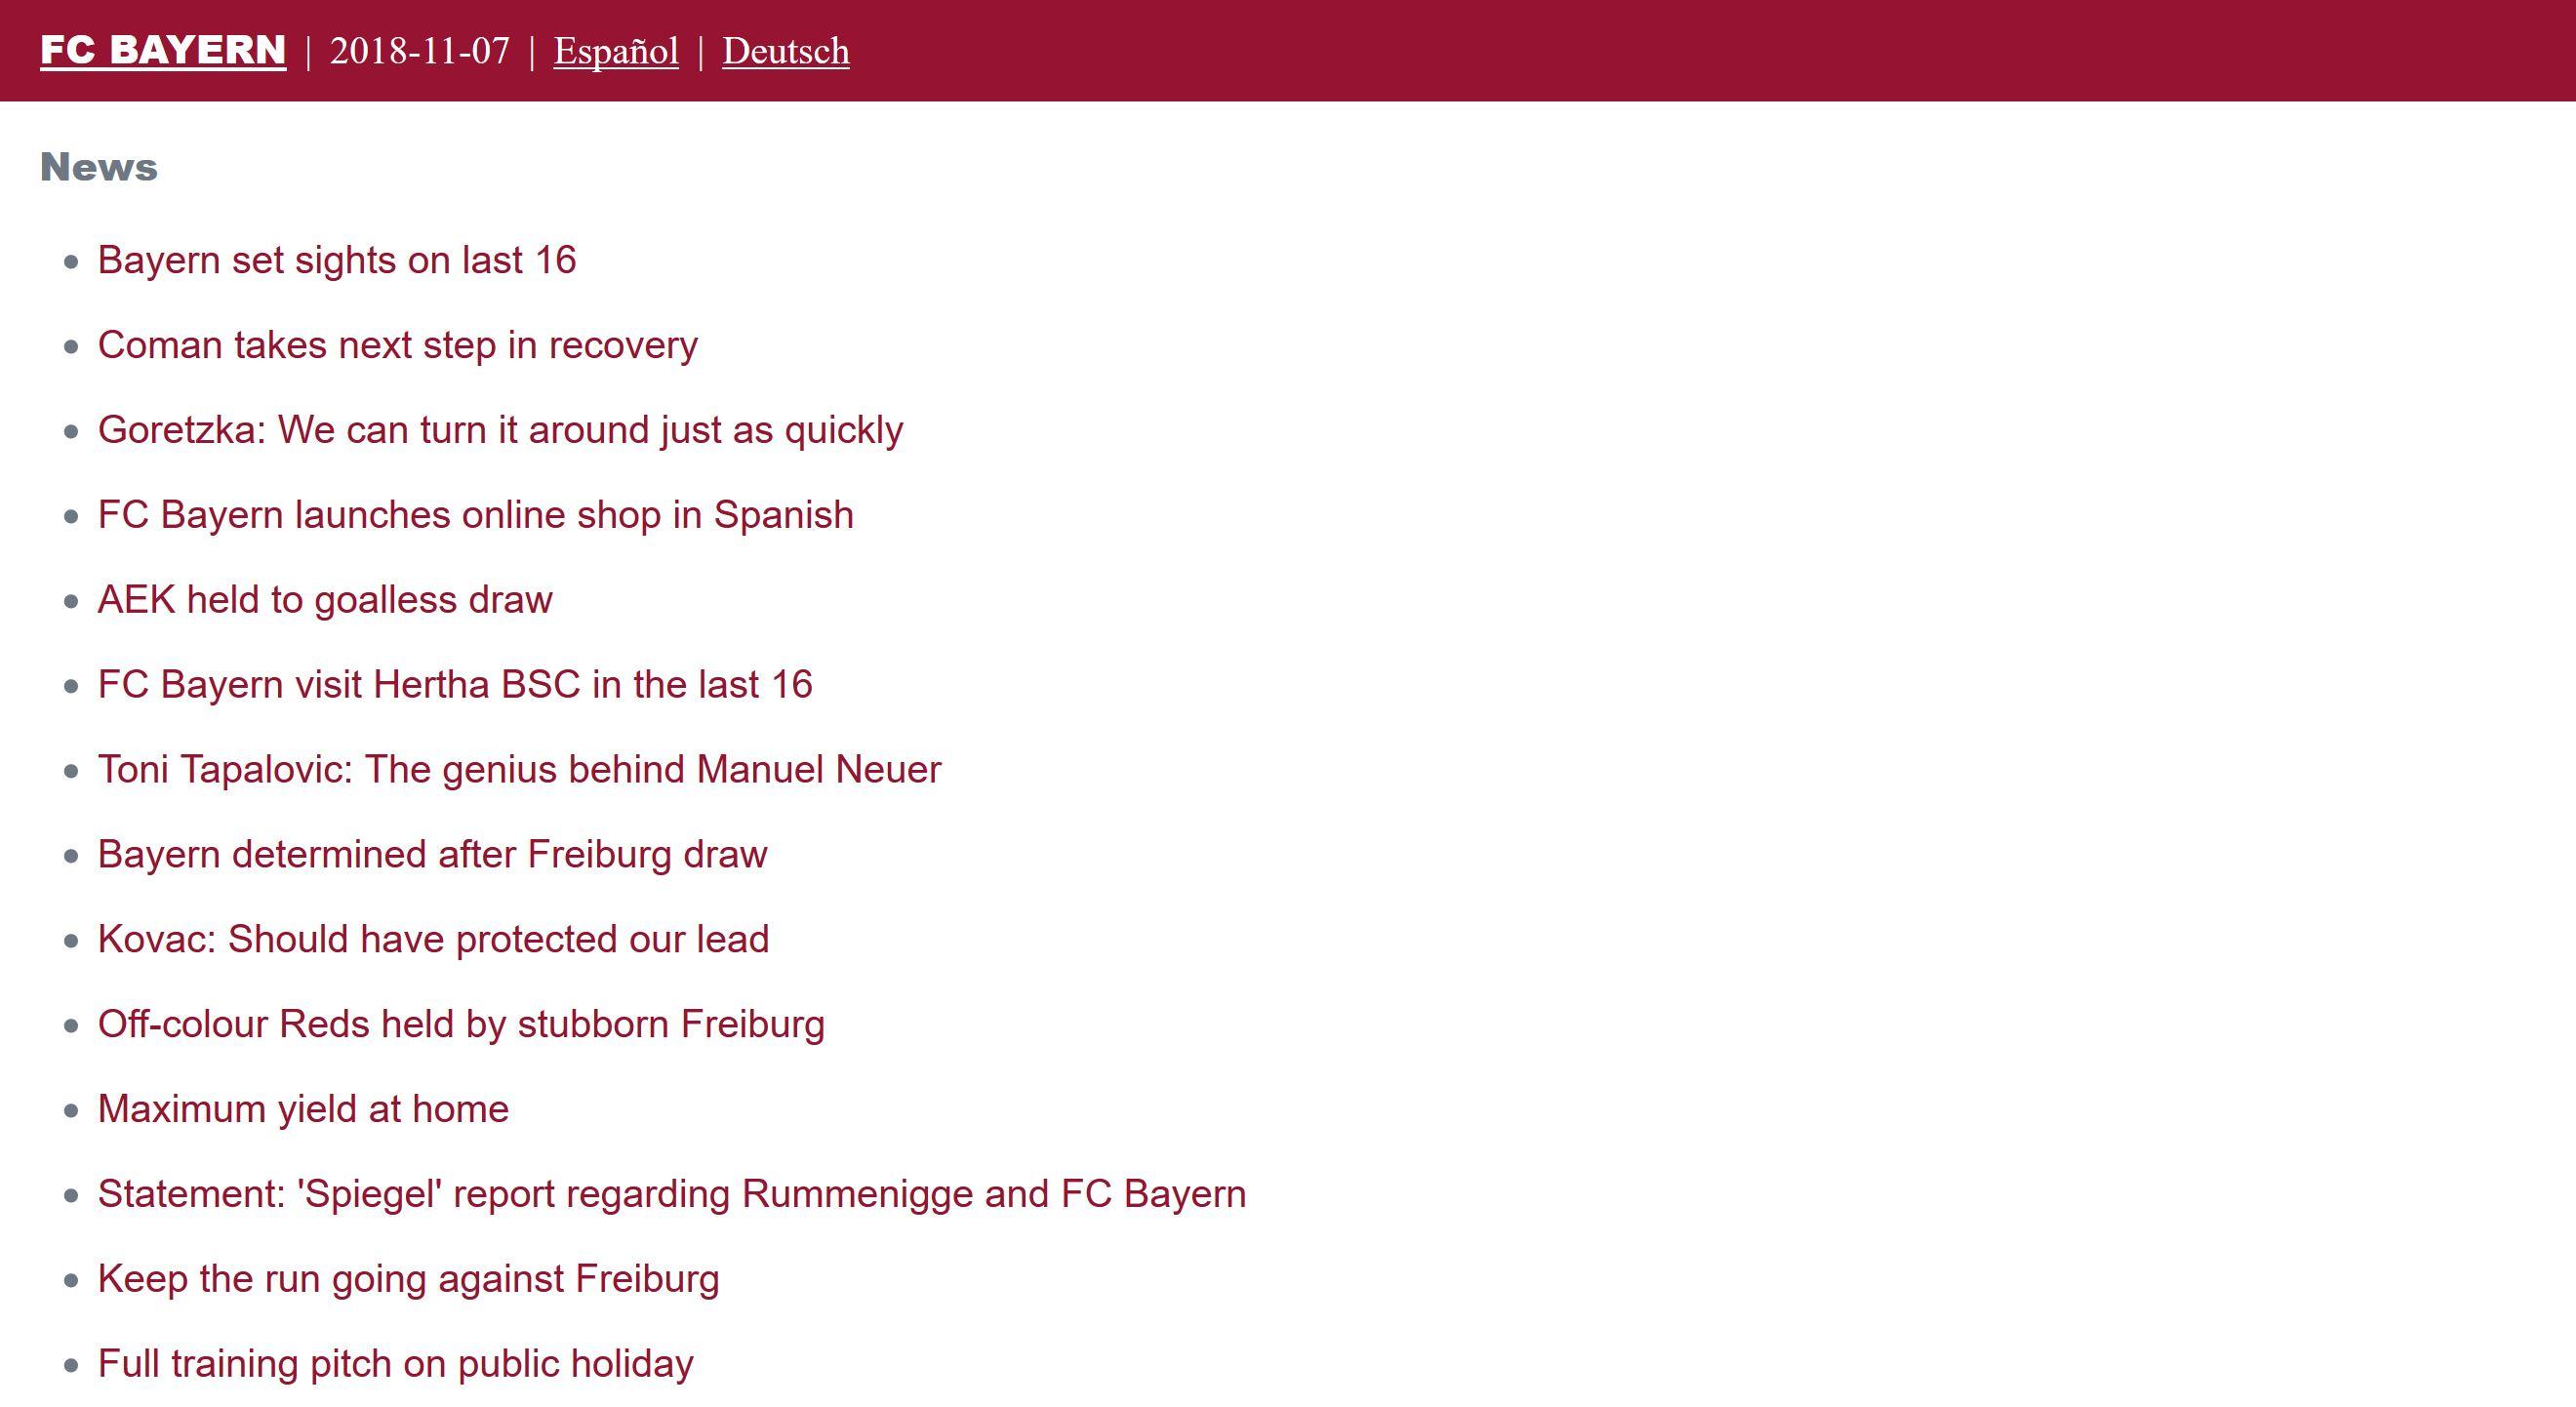 Screenshot of the FC Bayern Lite homepage